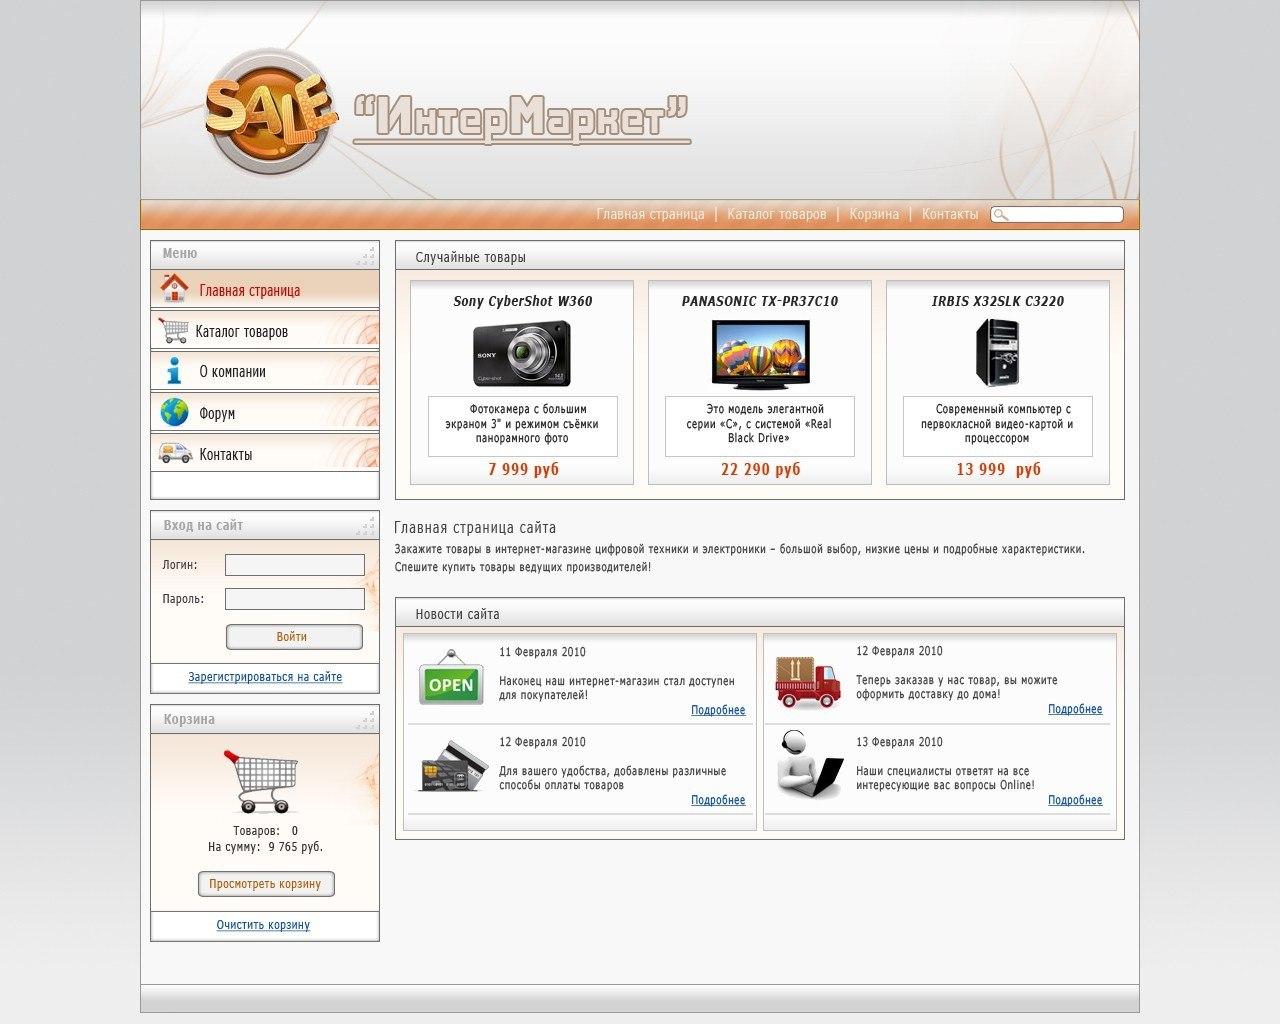 Как создать сайт интернет магазина html